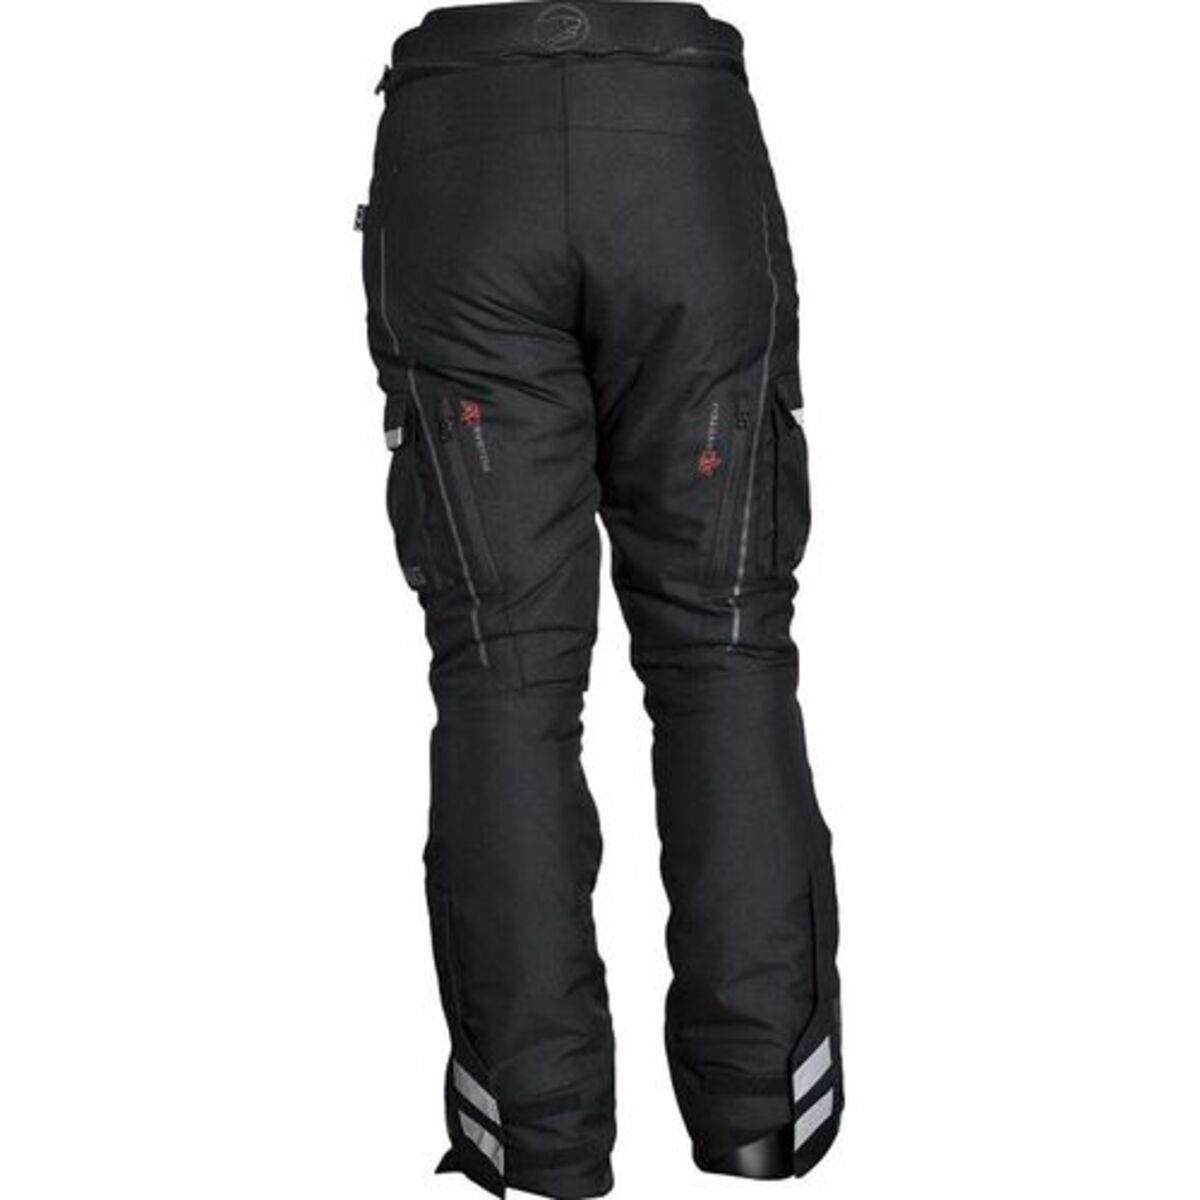 Bild 2 von Bering            California Textil Motorradhose schwarz